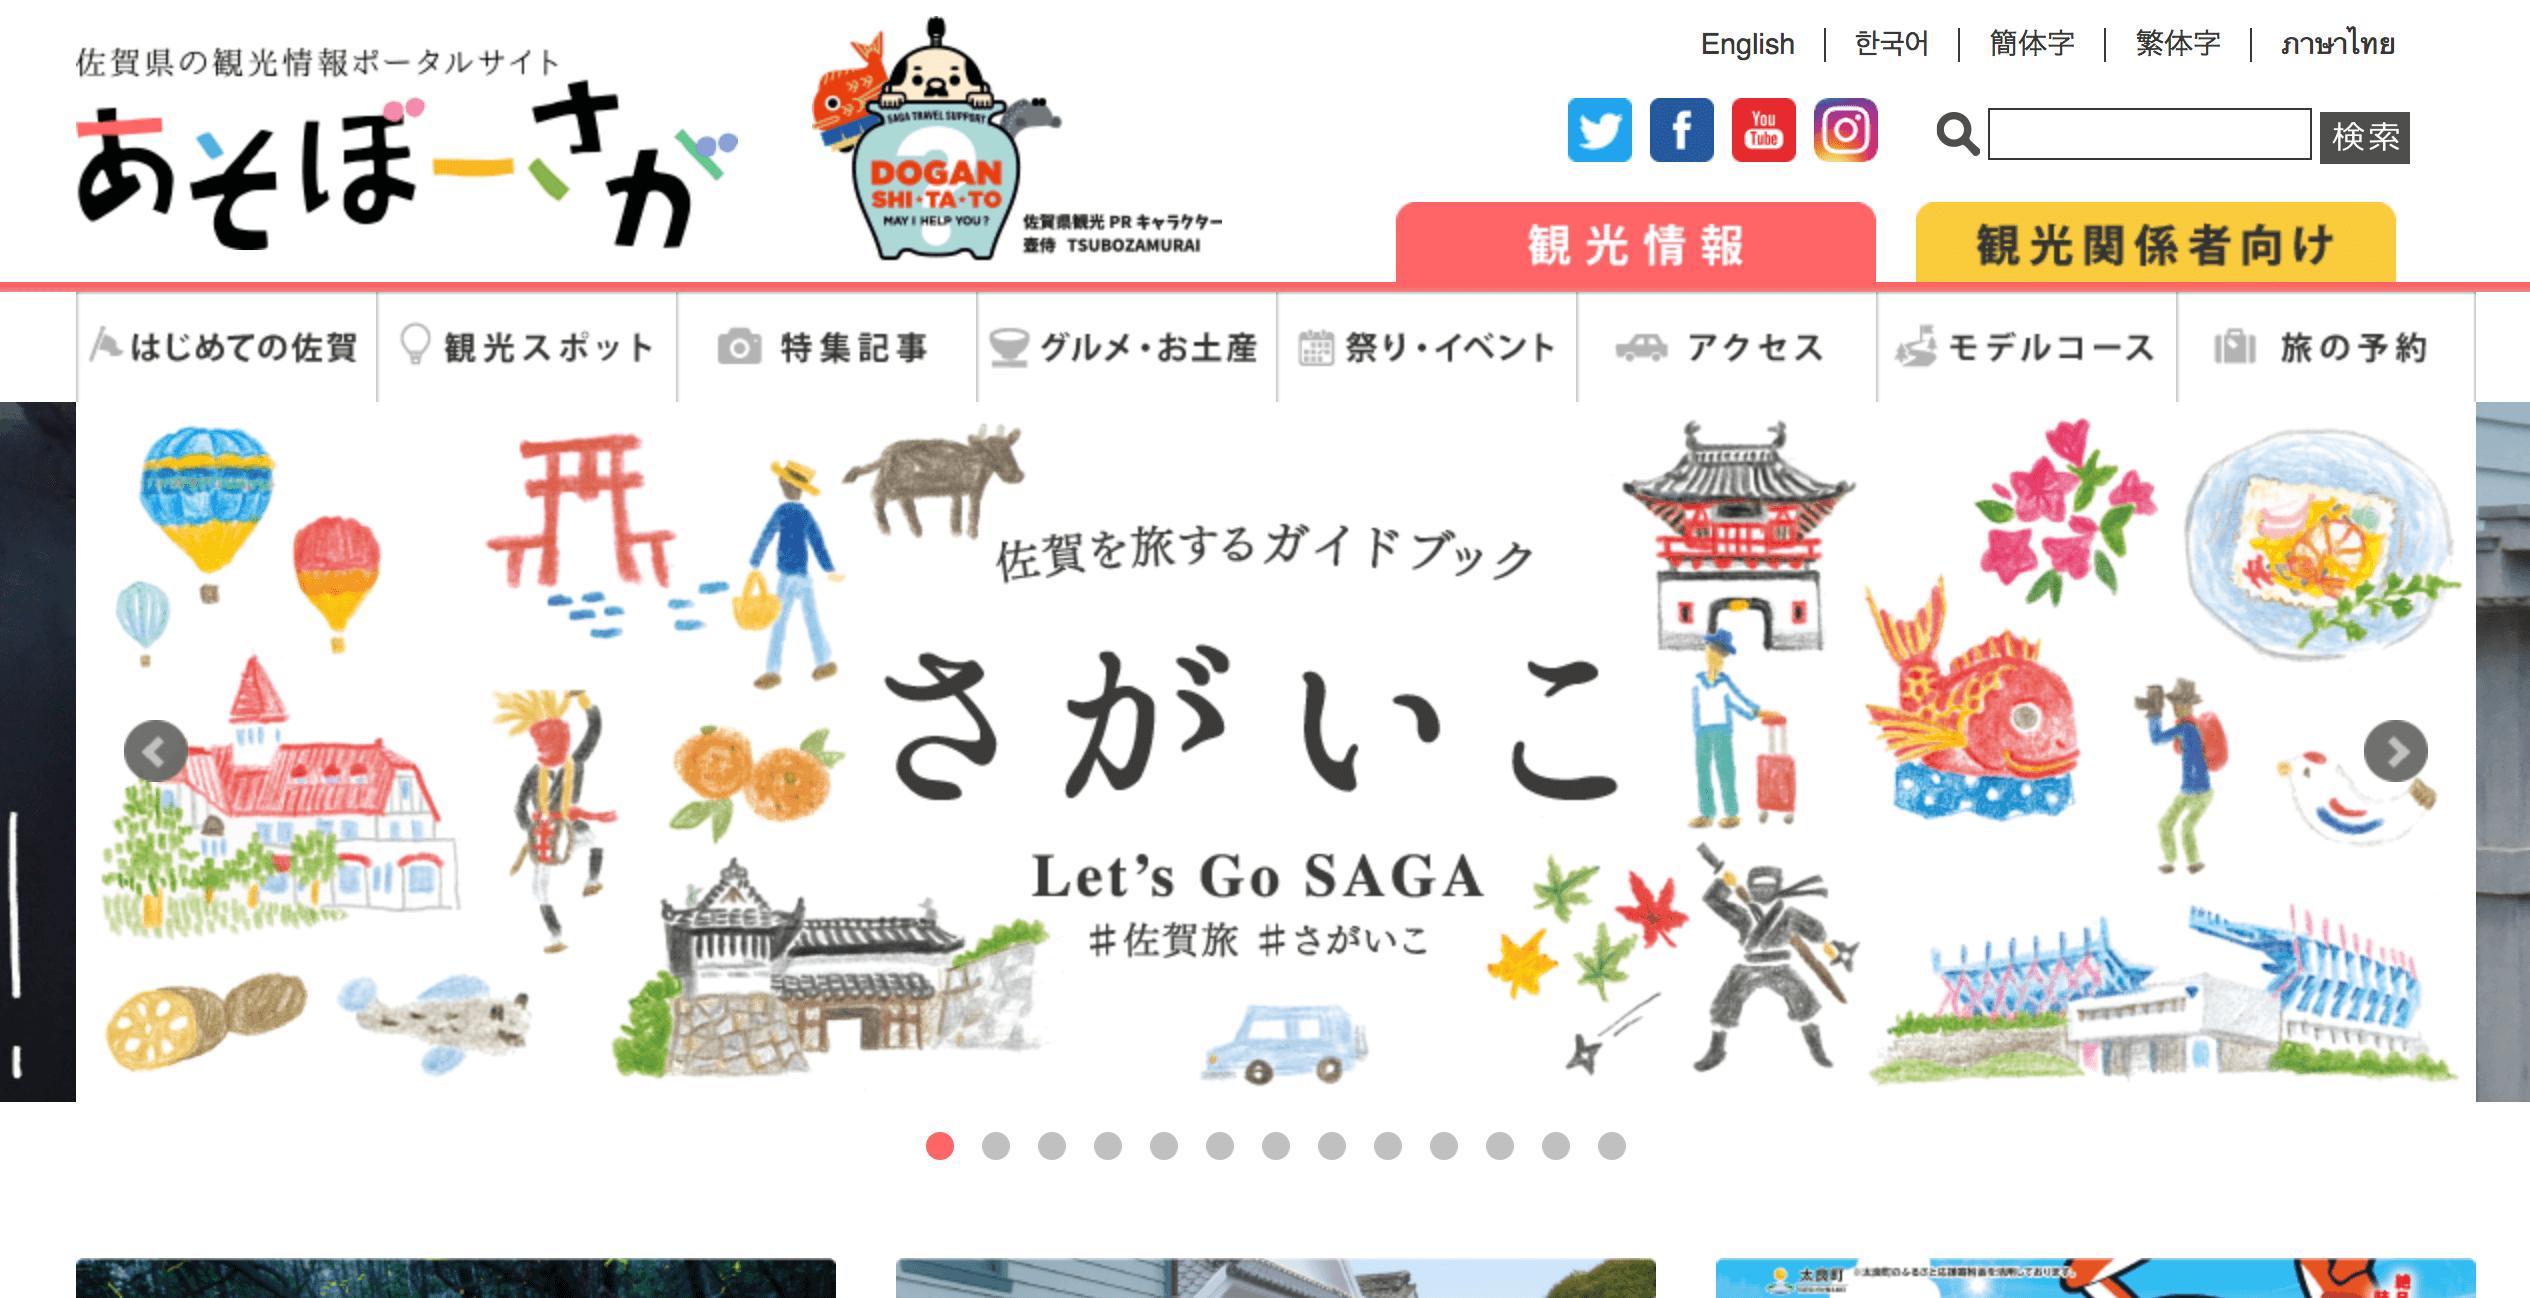 佐賀県観光連盟の公式サイト「あそぼーさが」